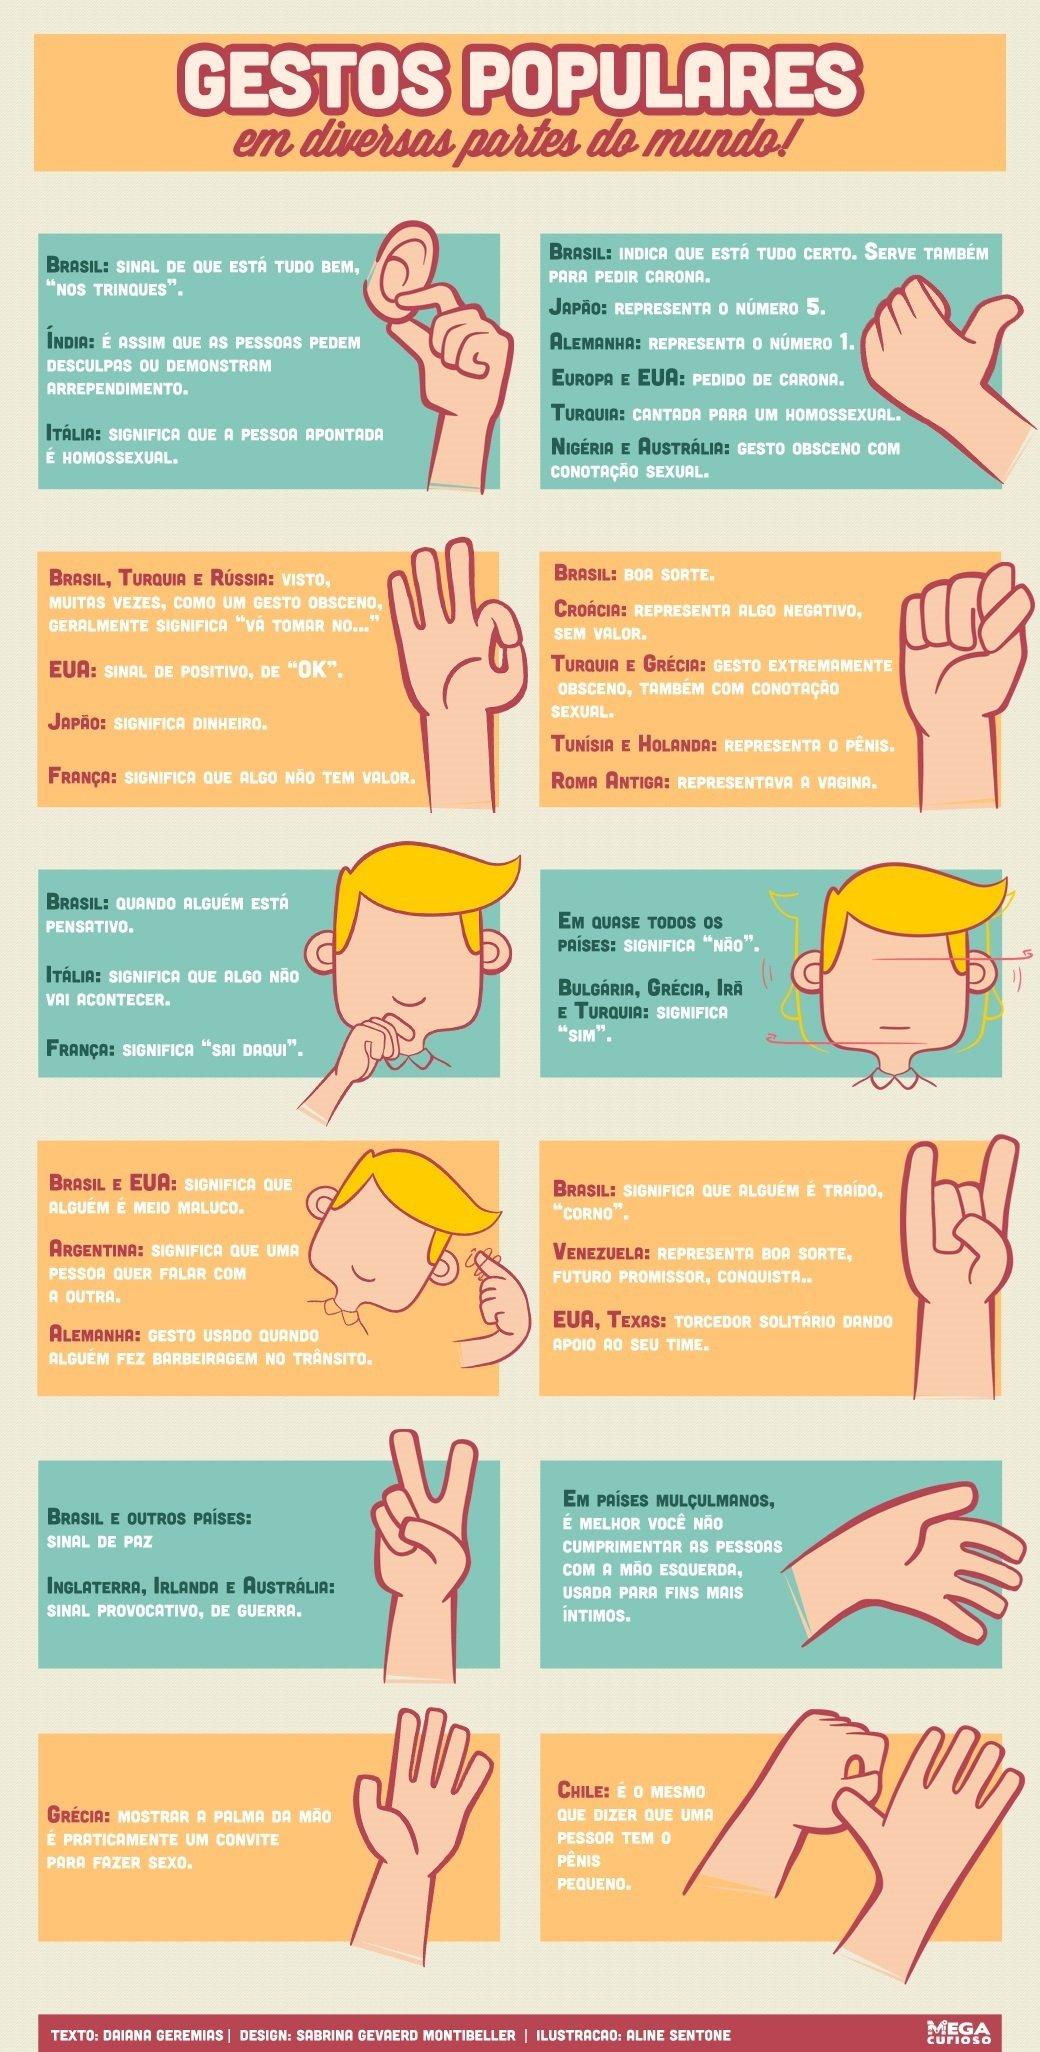 Significado de gestos populares pelo mundo